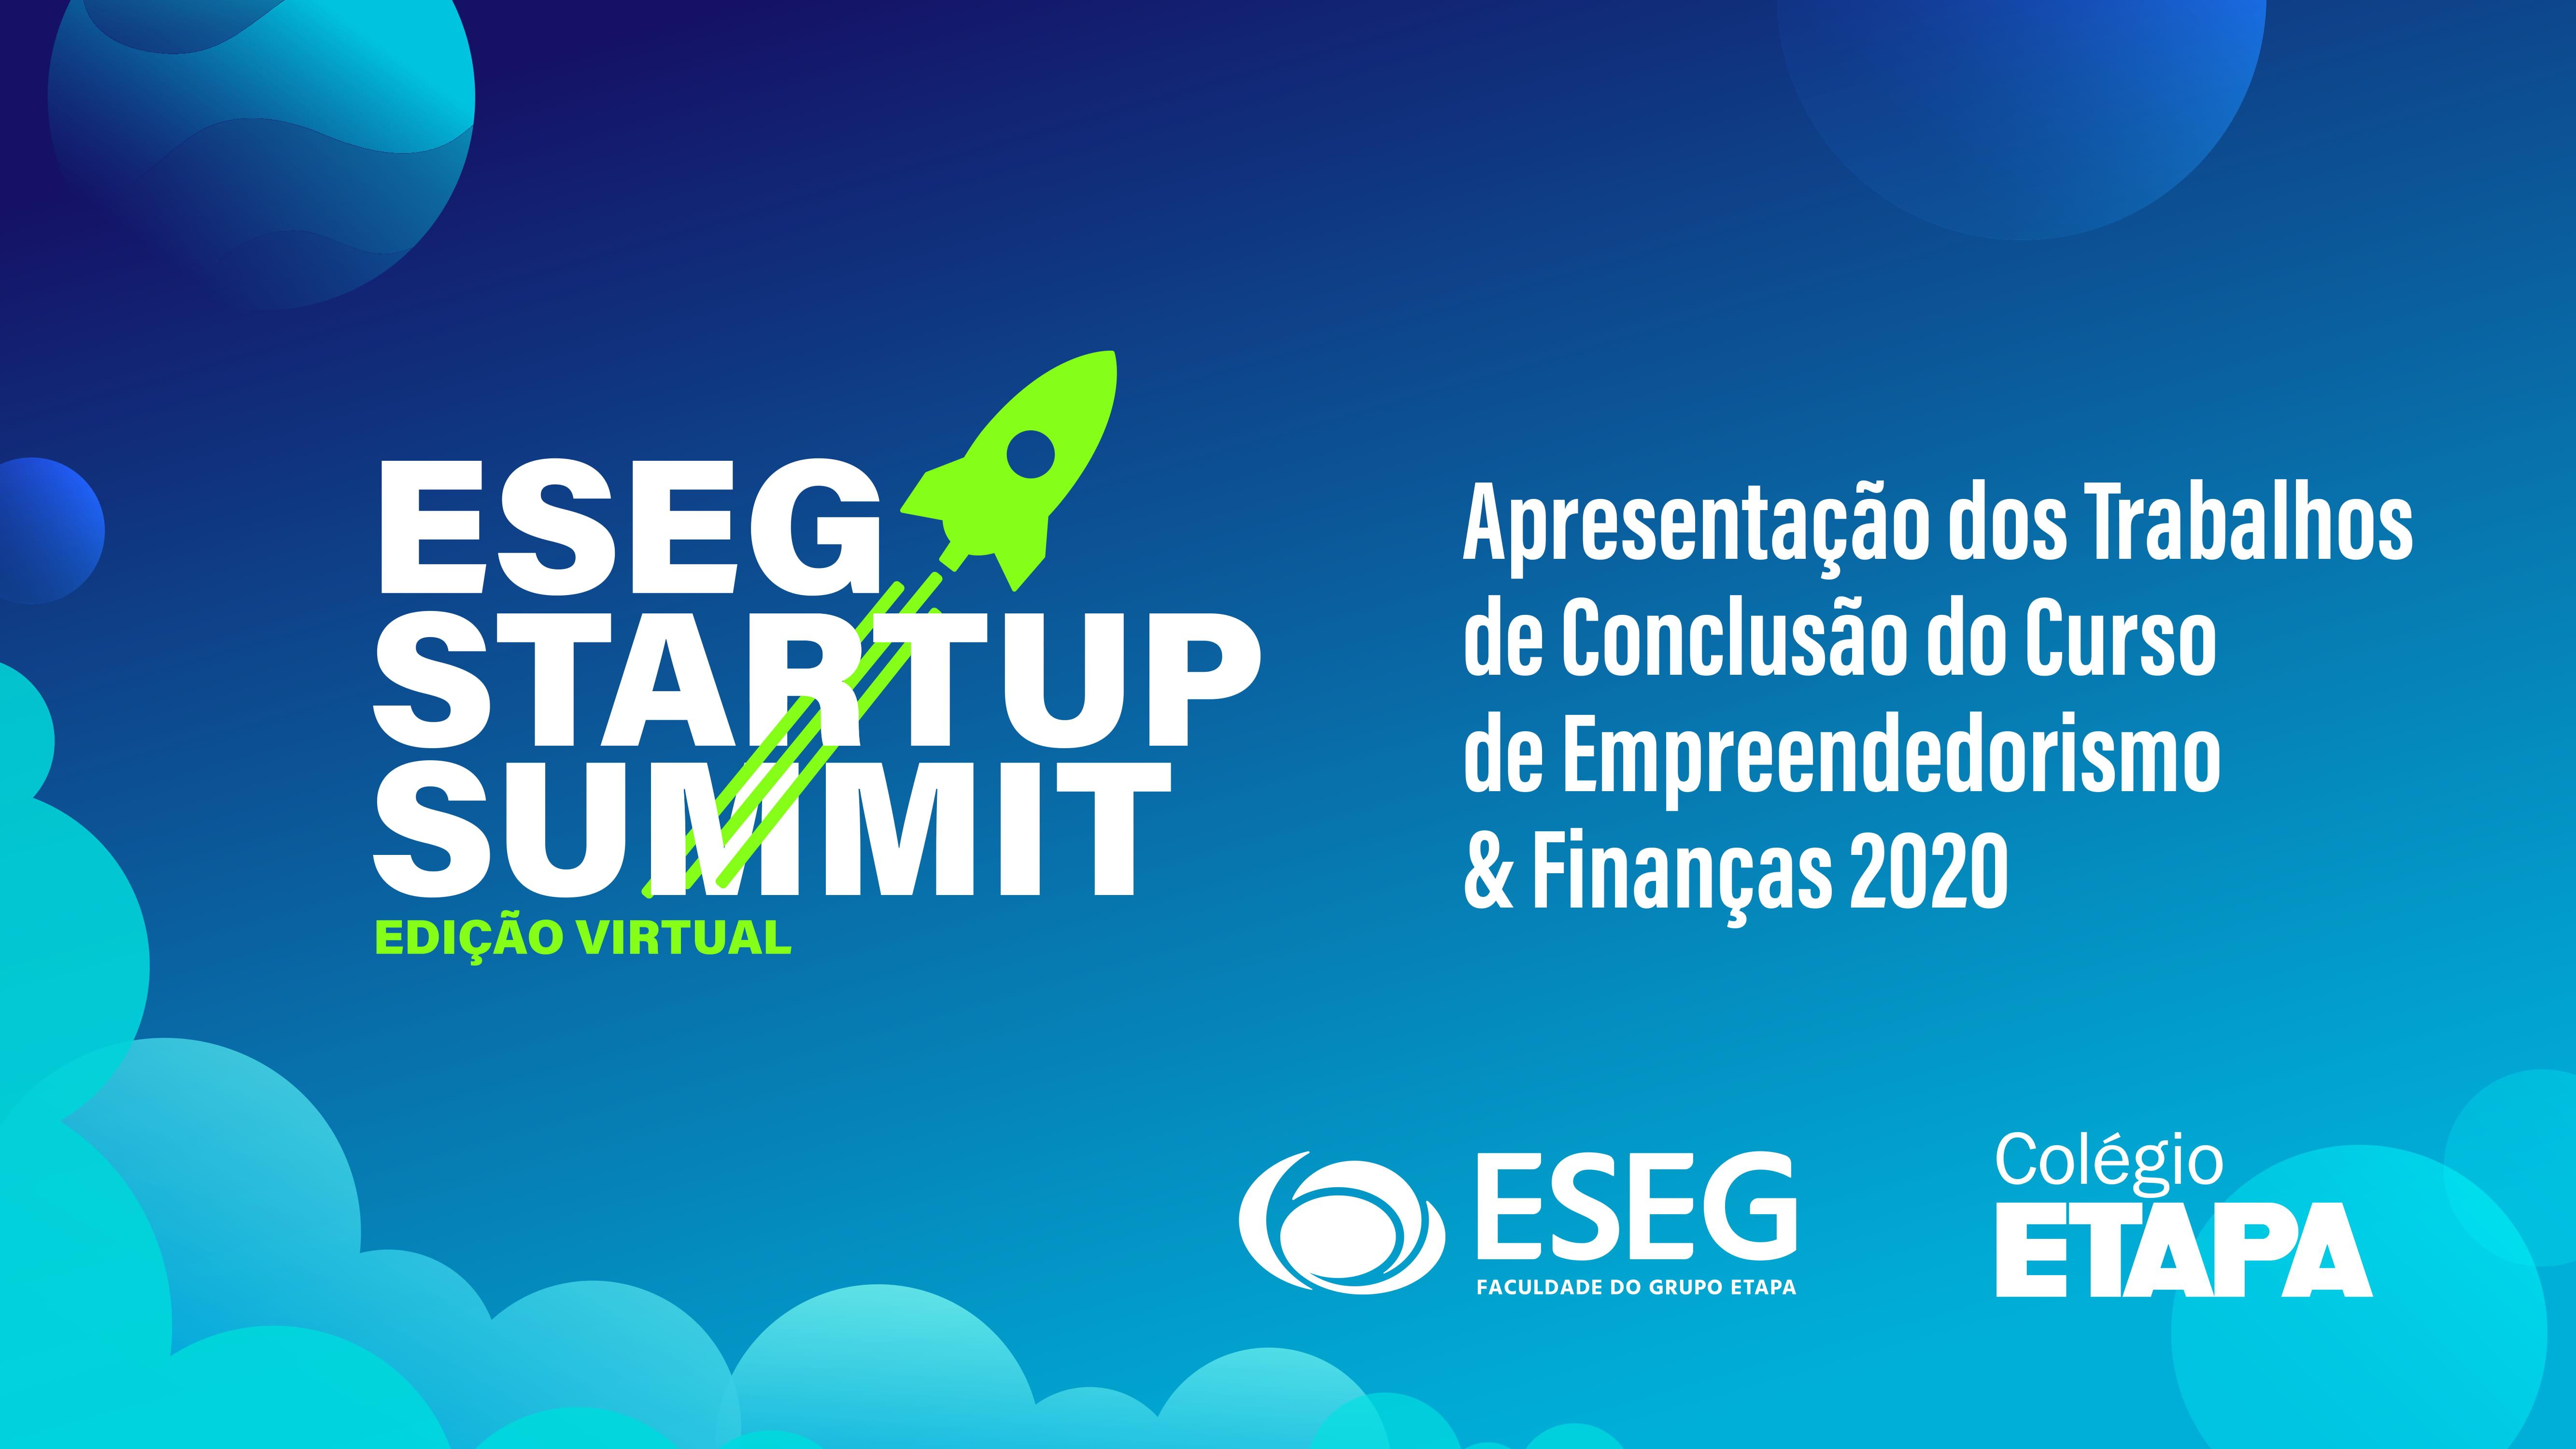 Durante o ESEG Startup Summit, uma banca julgadora avaliou os projetos dos alunos e premiou o melhor empreendimento.